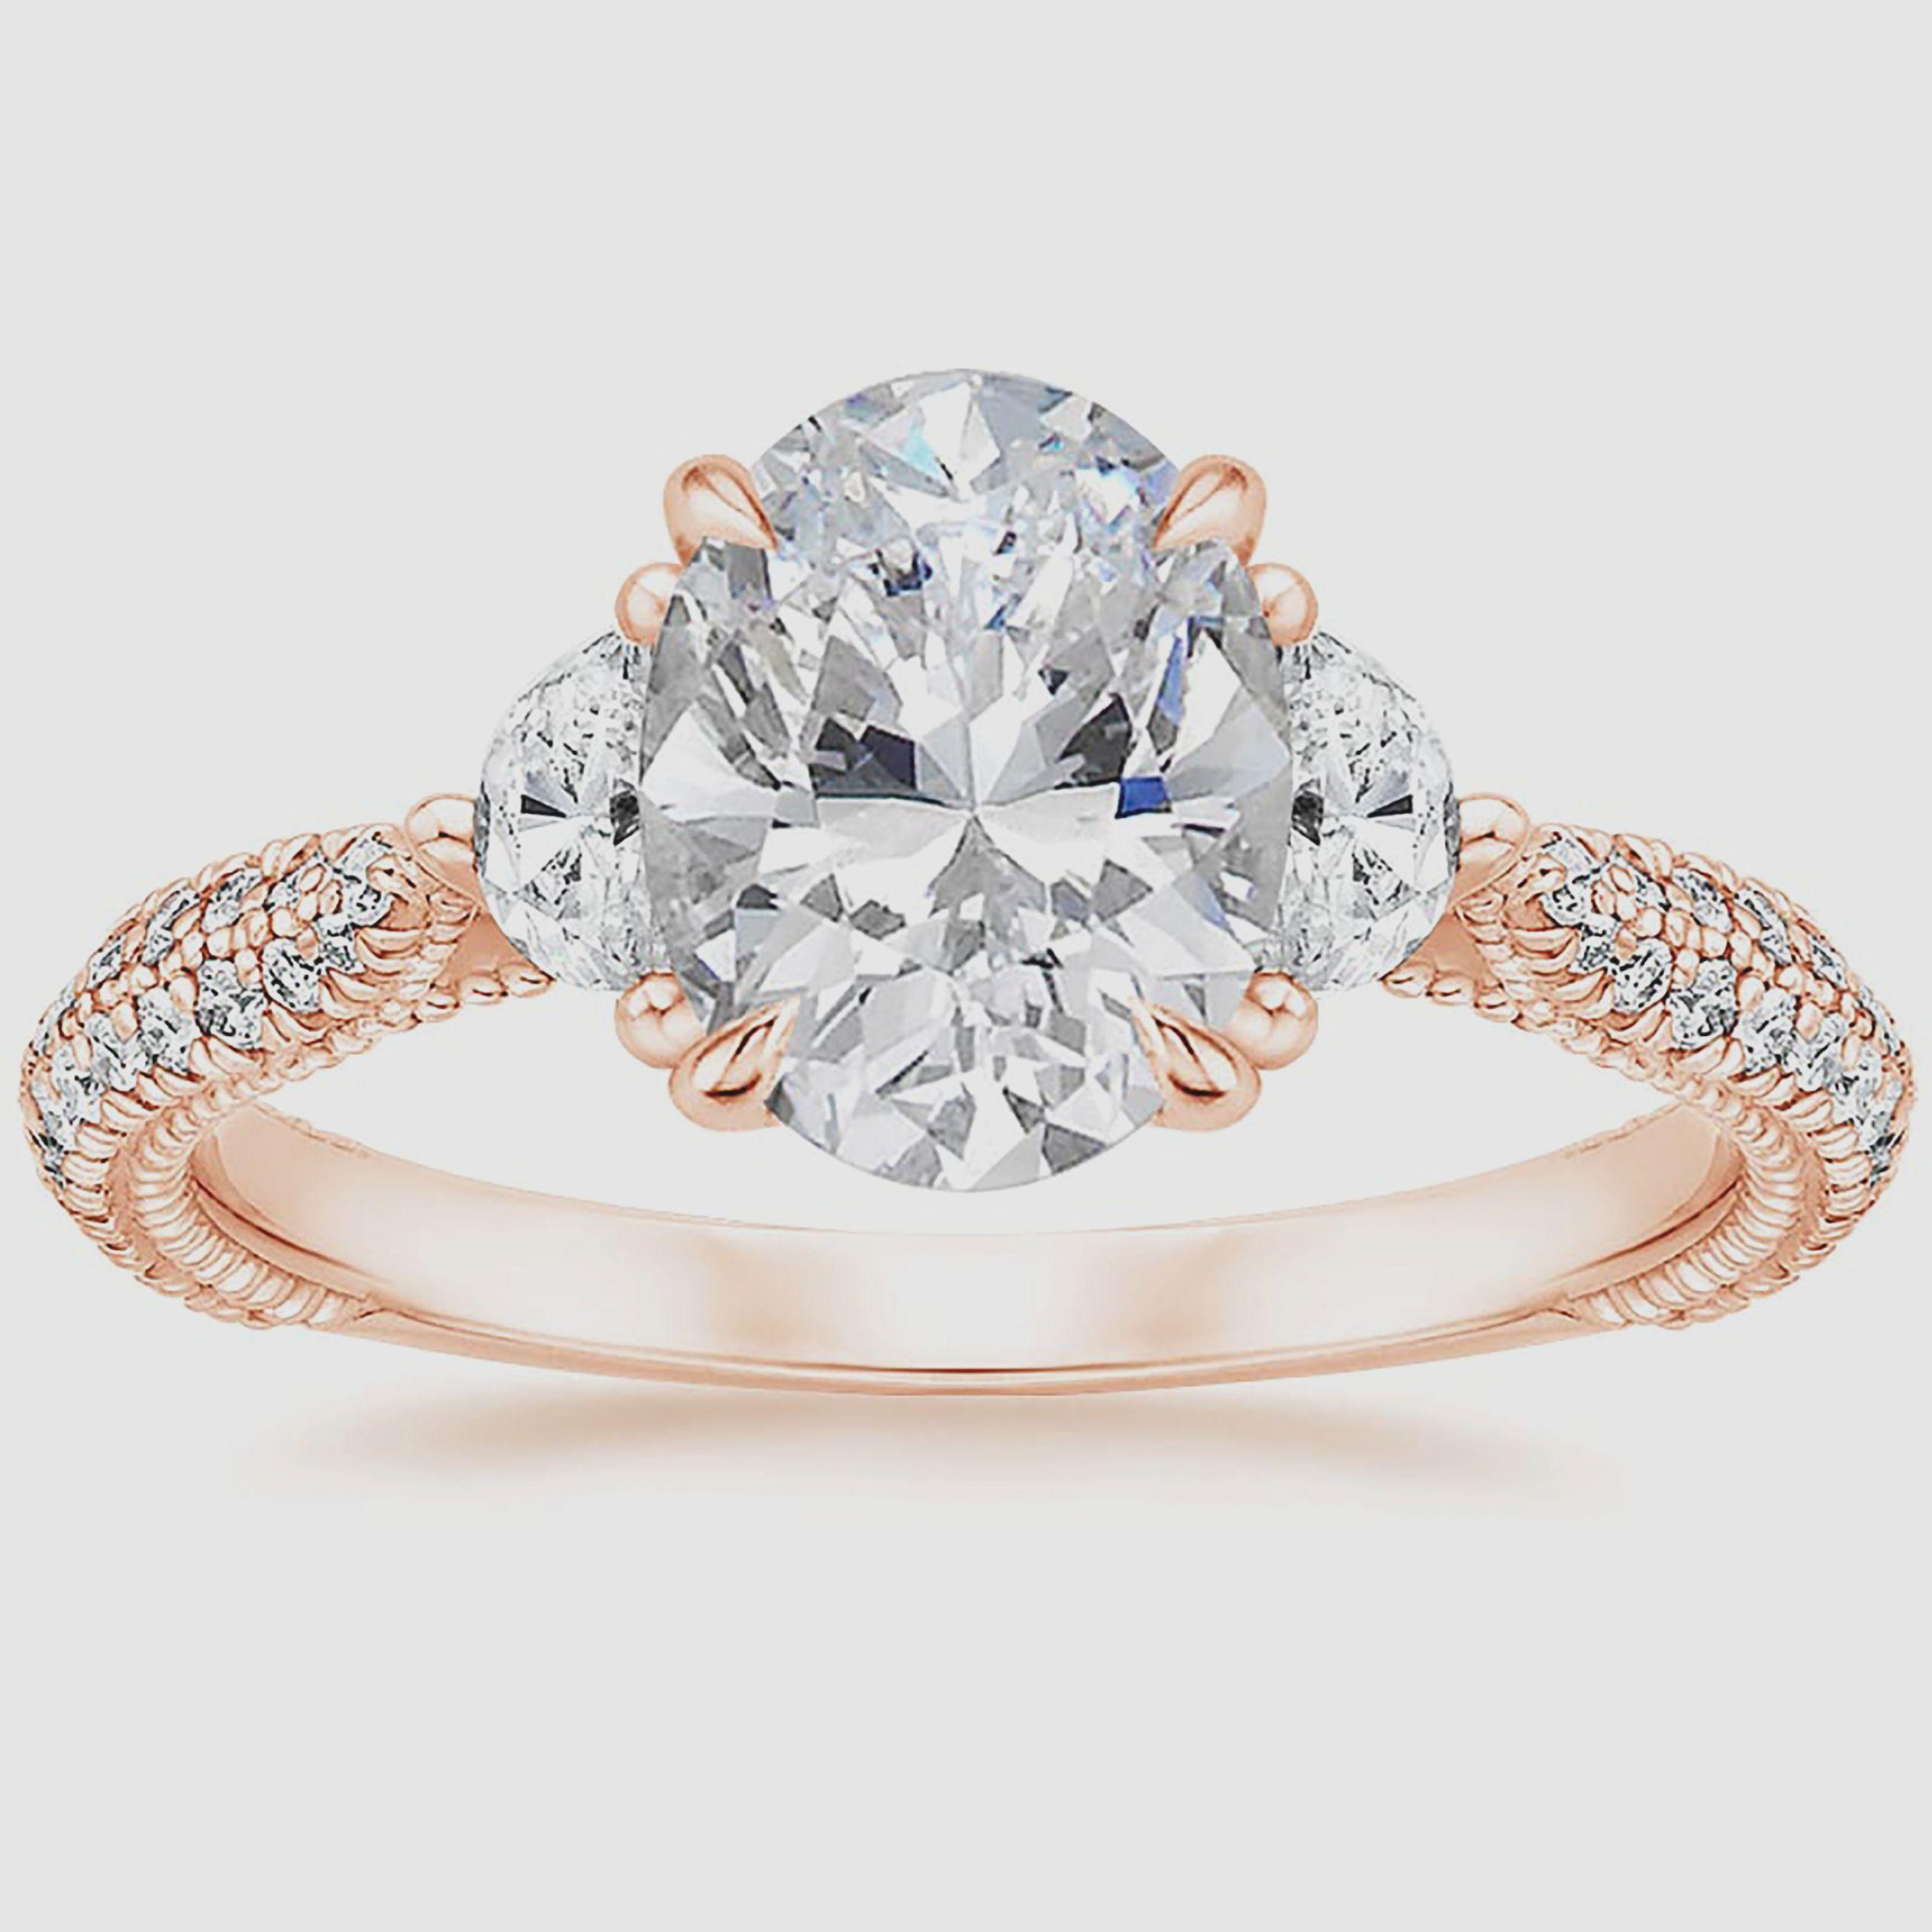 Diamond Engagement Ring Alternatives Reddit in 2020 ...